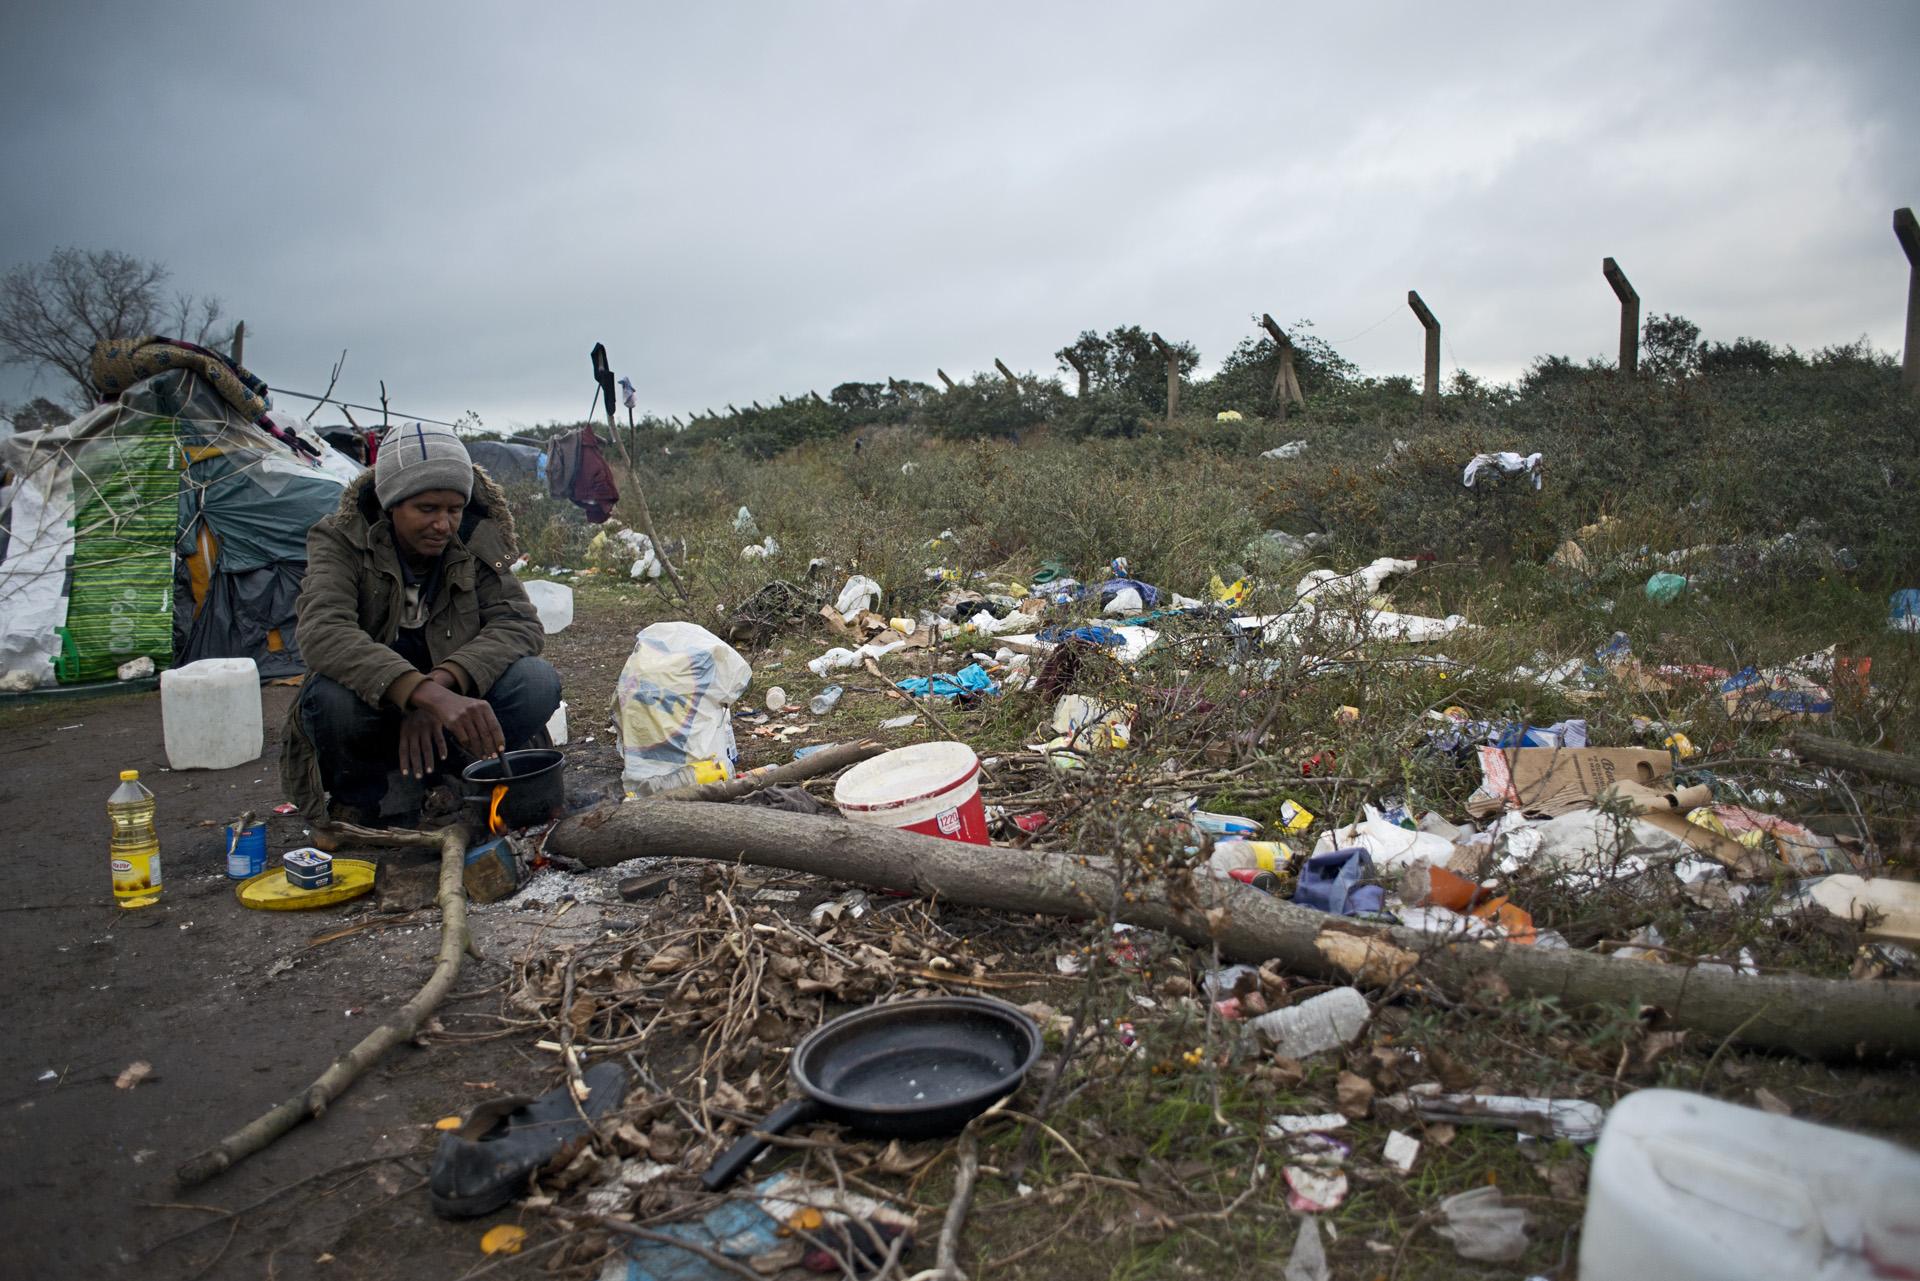 En dehors de «la jungle» les migrants s'entassent également sur le terrain d'un ancien gymnase à Tioxide. Aucune disposition n'est prévue pour le stockage et le ramassage des ordures qui s'amoncellent au milieu du camp.